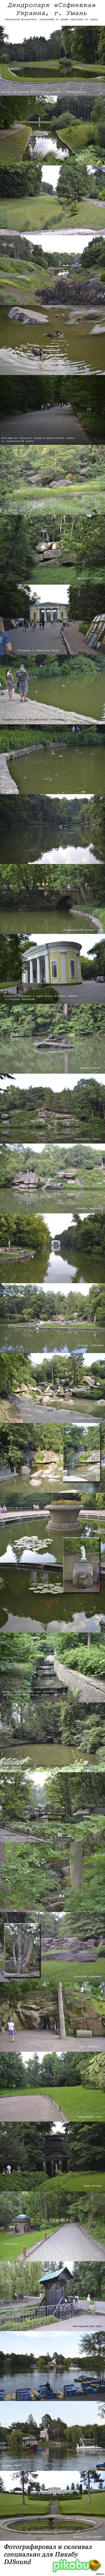 """Дендропарк """"Софиевка"""" Фотоотчет.  Очень длиннопост :-) Небольшой фотоотчет с вечерней прогулки по парку.  Полноразмерные фото в архиве по ссылке http://yadi.sk/d/Sis2hKQ75fXDi"""